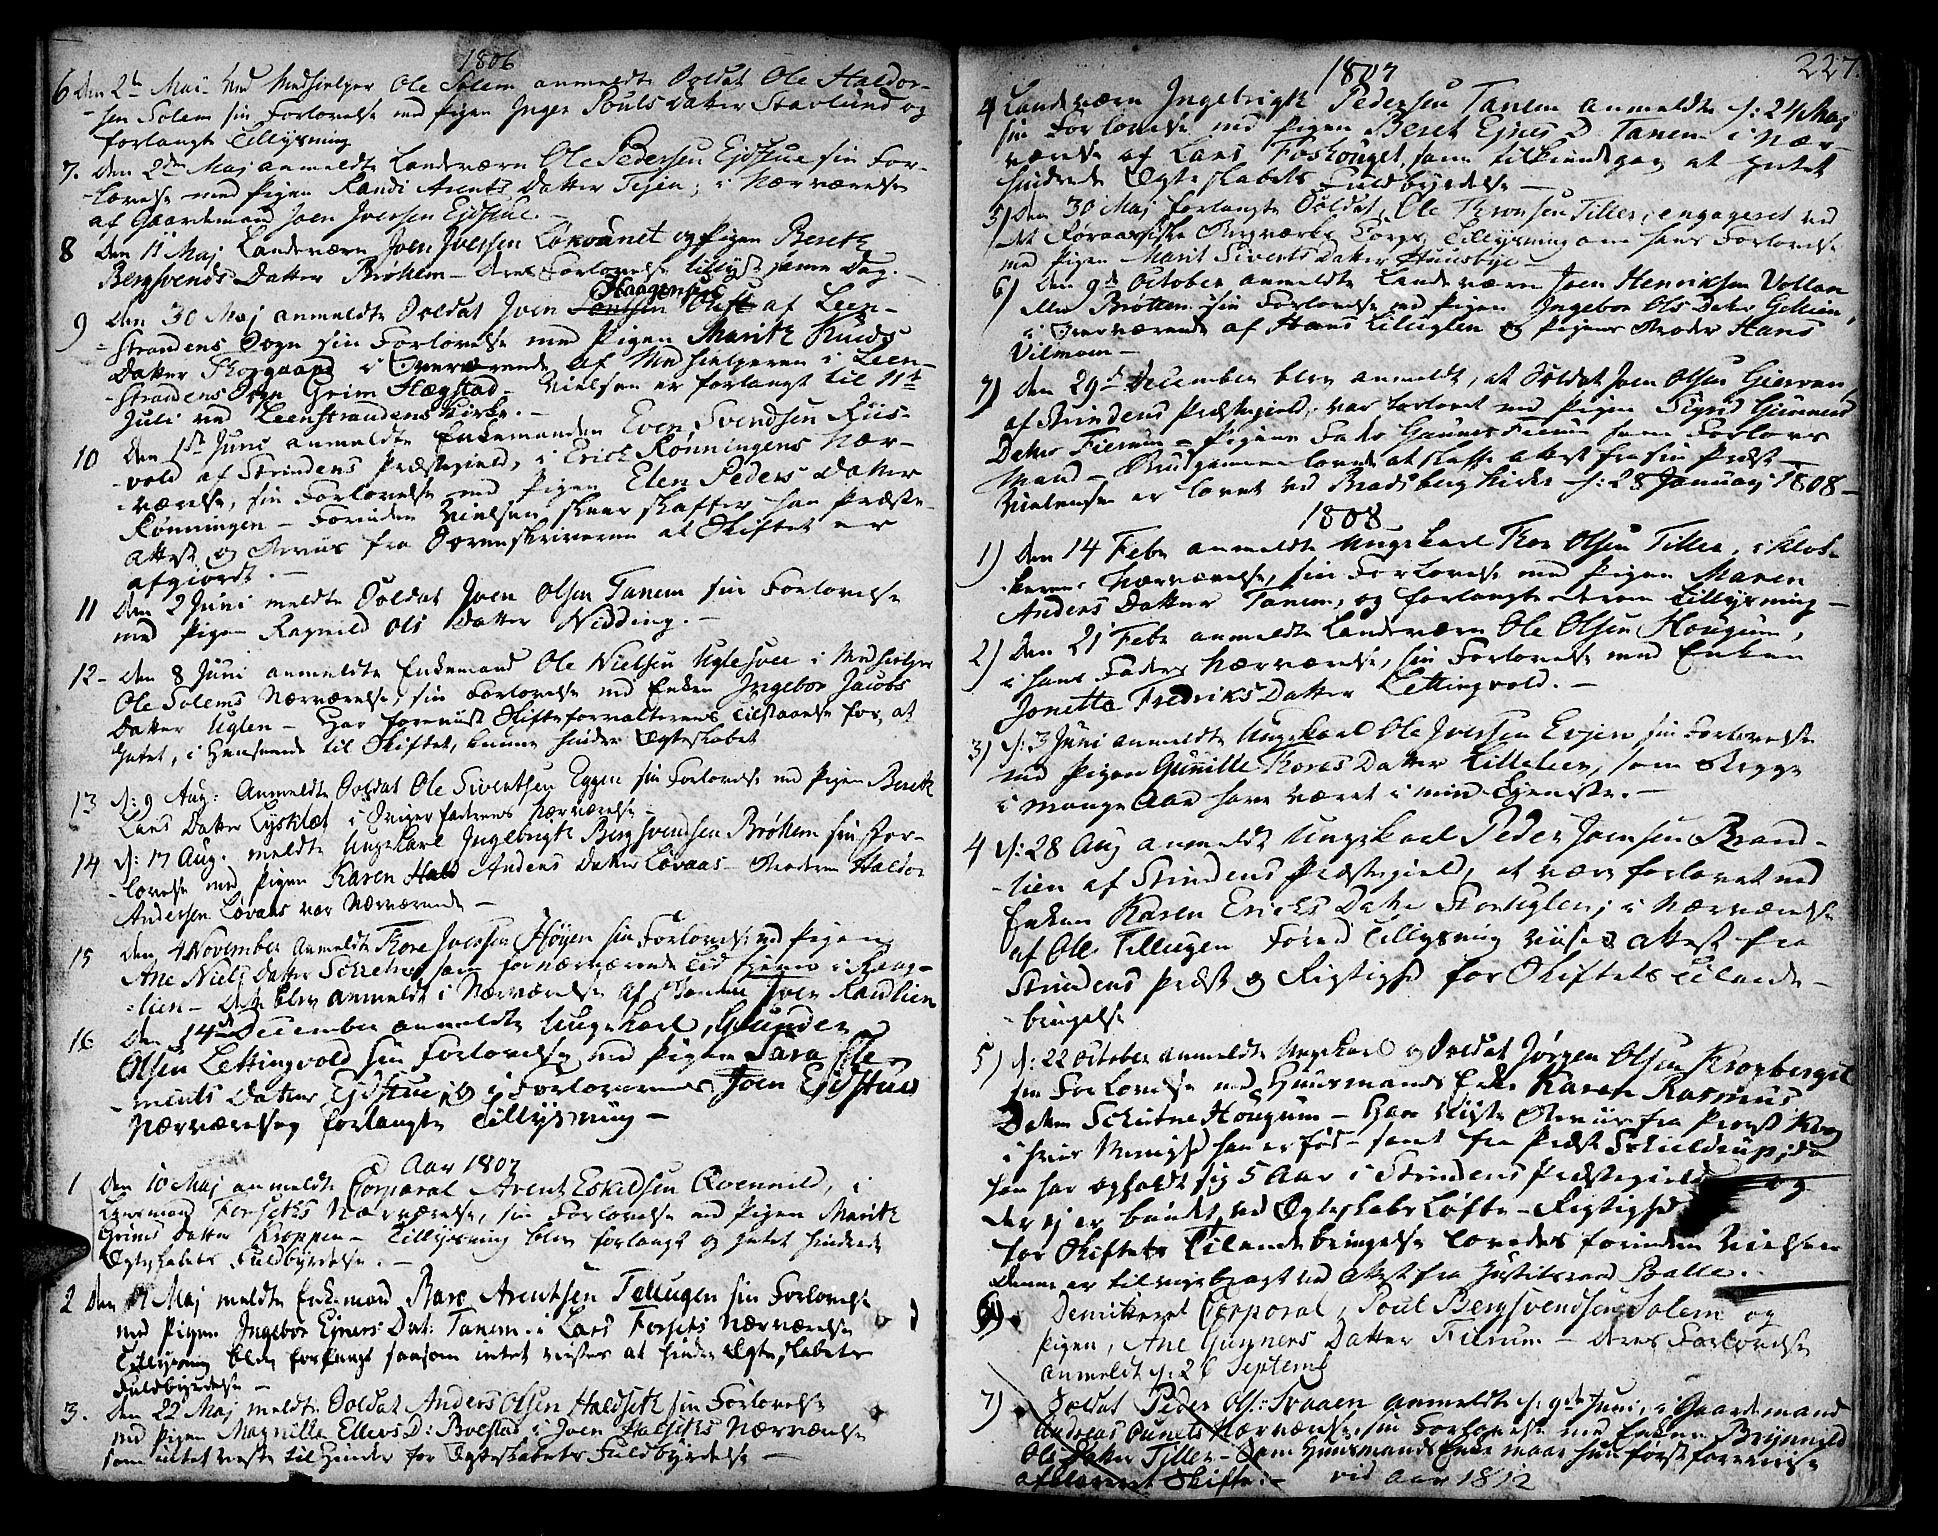 SAT, Ministerialprotokoller, klokkerbøker og fødselsregistre - Sør-Trøndelag, 618/L0438: Ministerialbok nr. 618A03, 1783-1815, s. 227